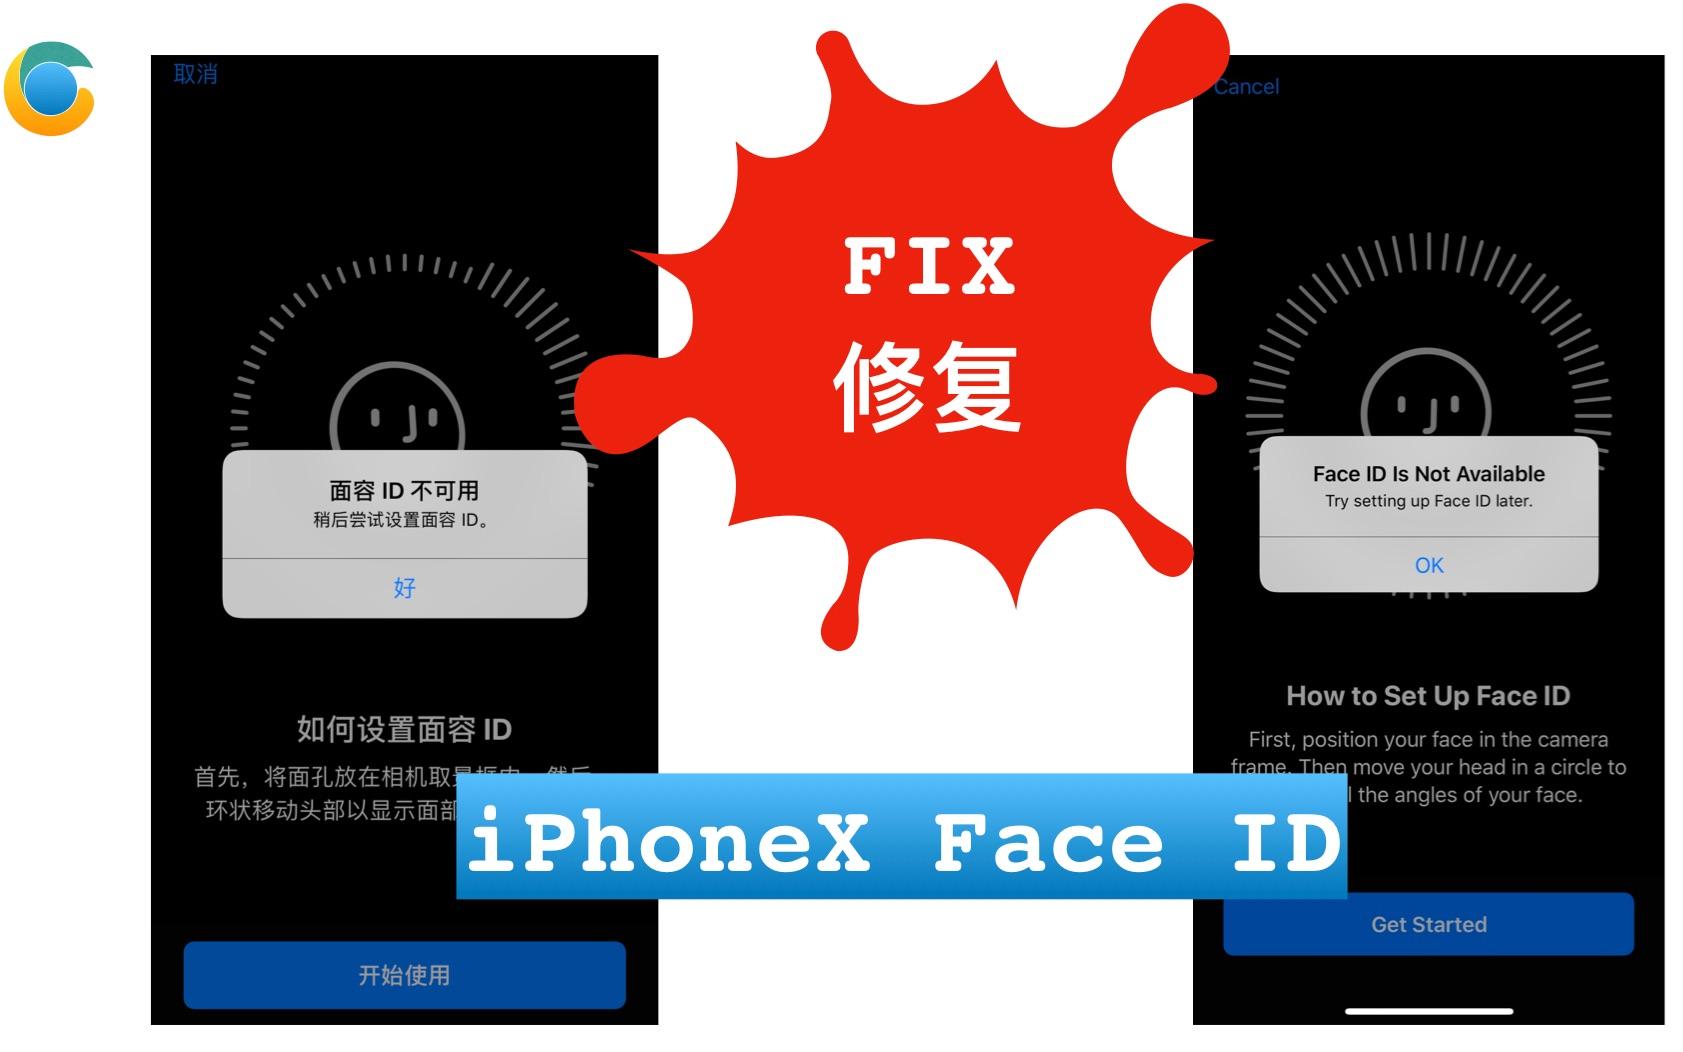 """修復iPhoneX進水導致""""Face ID不可用""""_嗶哩嗶哩 (゜-゜)つロ 干杯~-bilibili"""